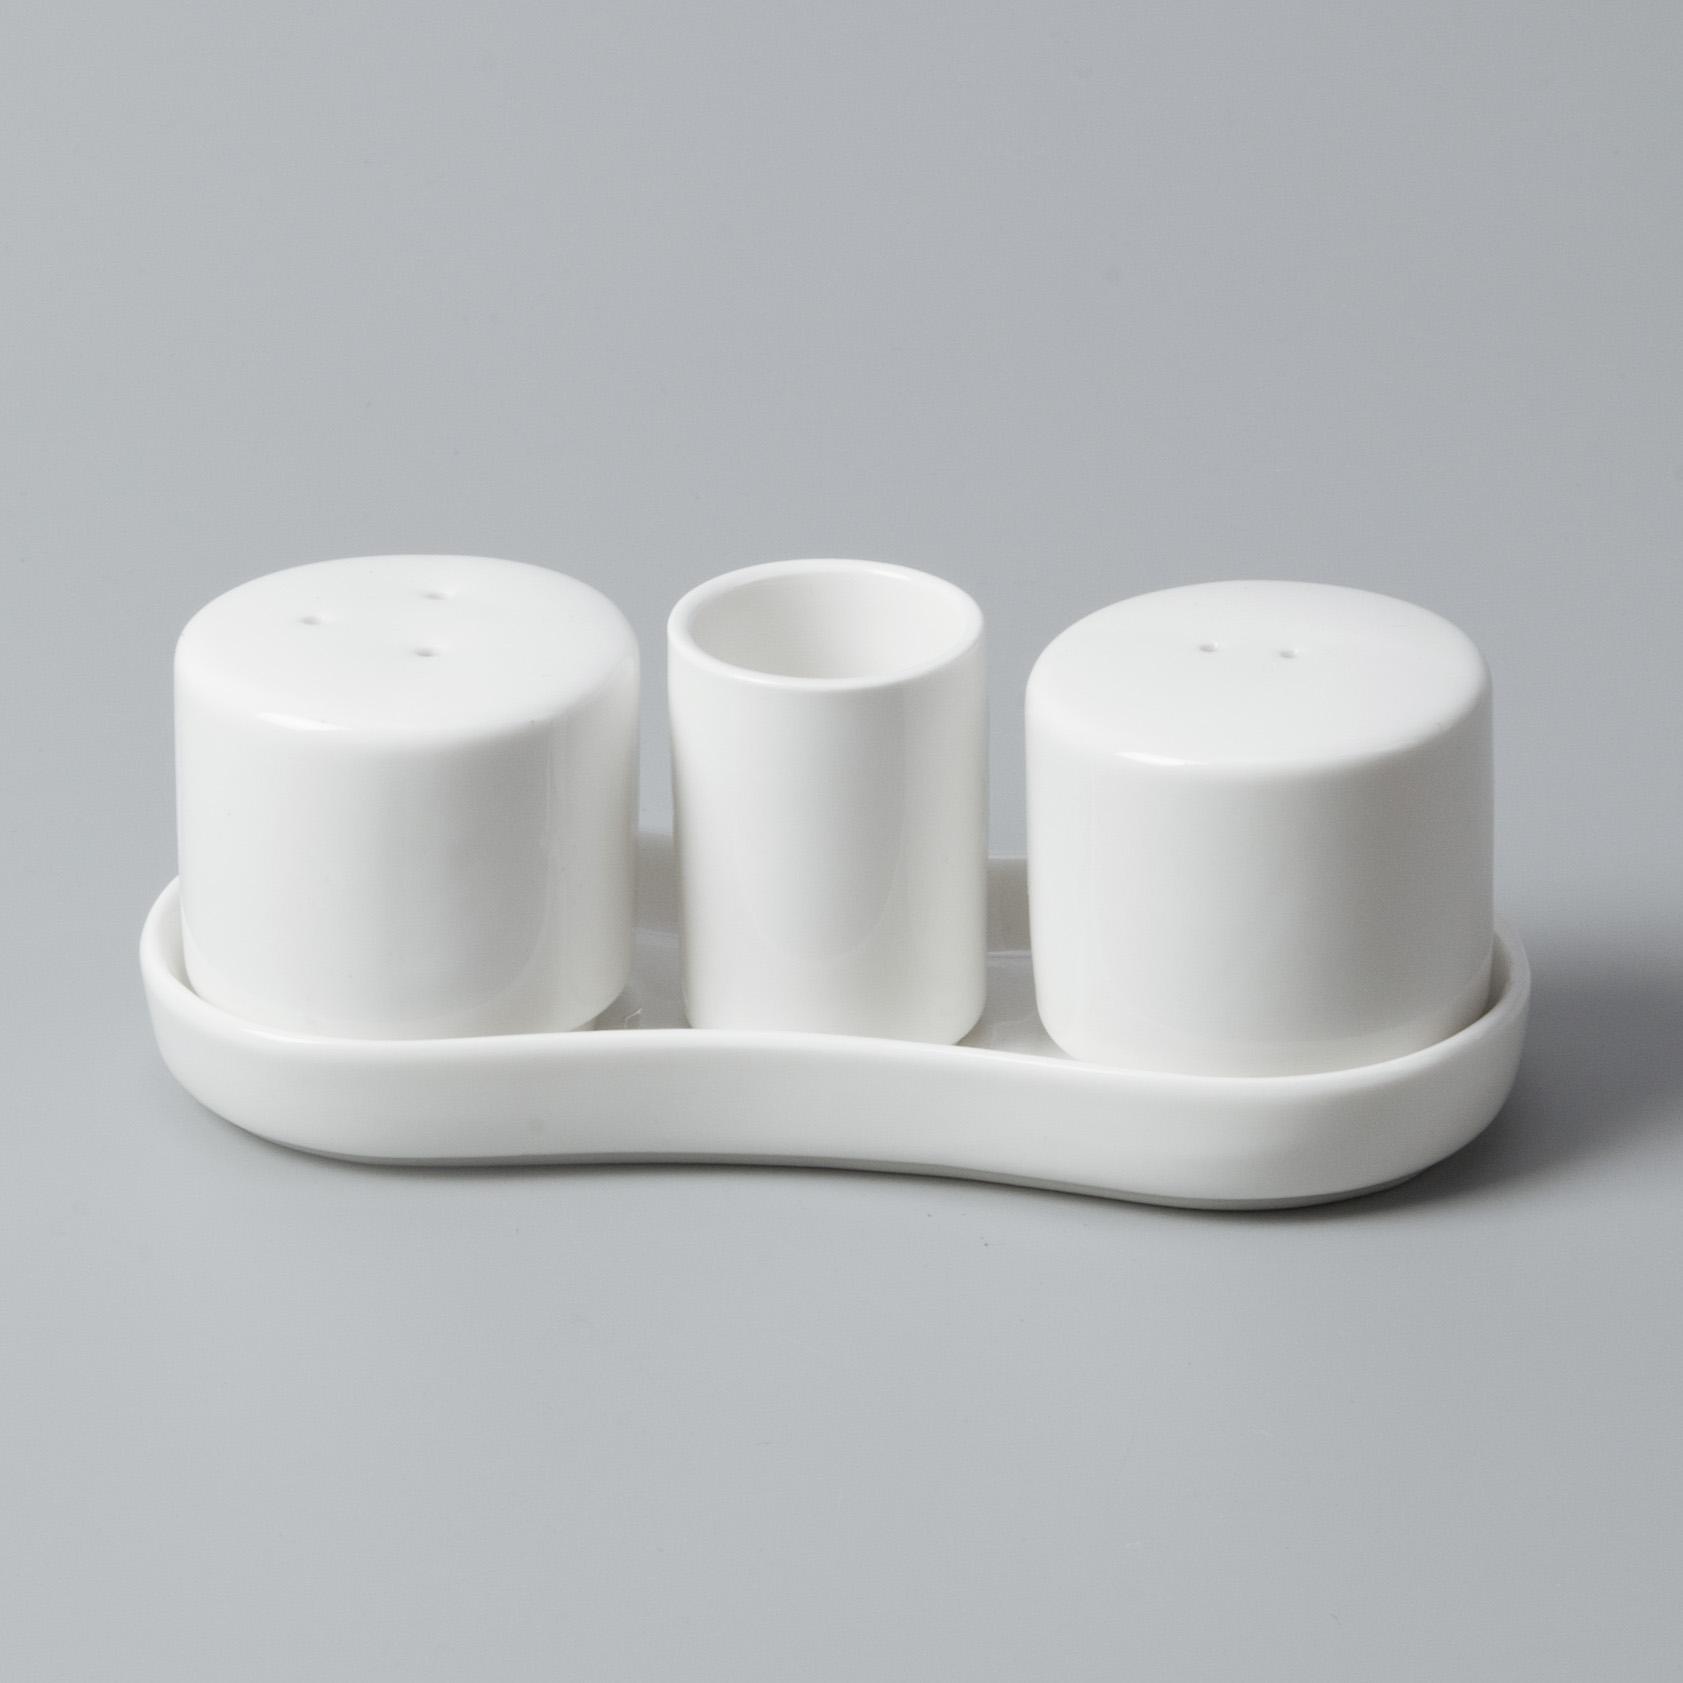 Two Eight bulk cheap porcelain dinner plates from China for dinner-9